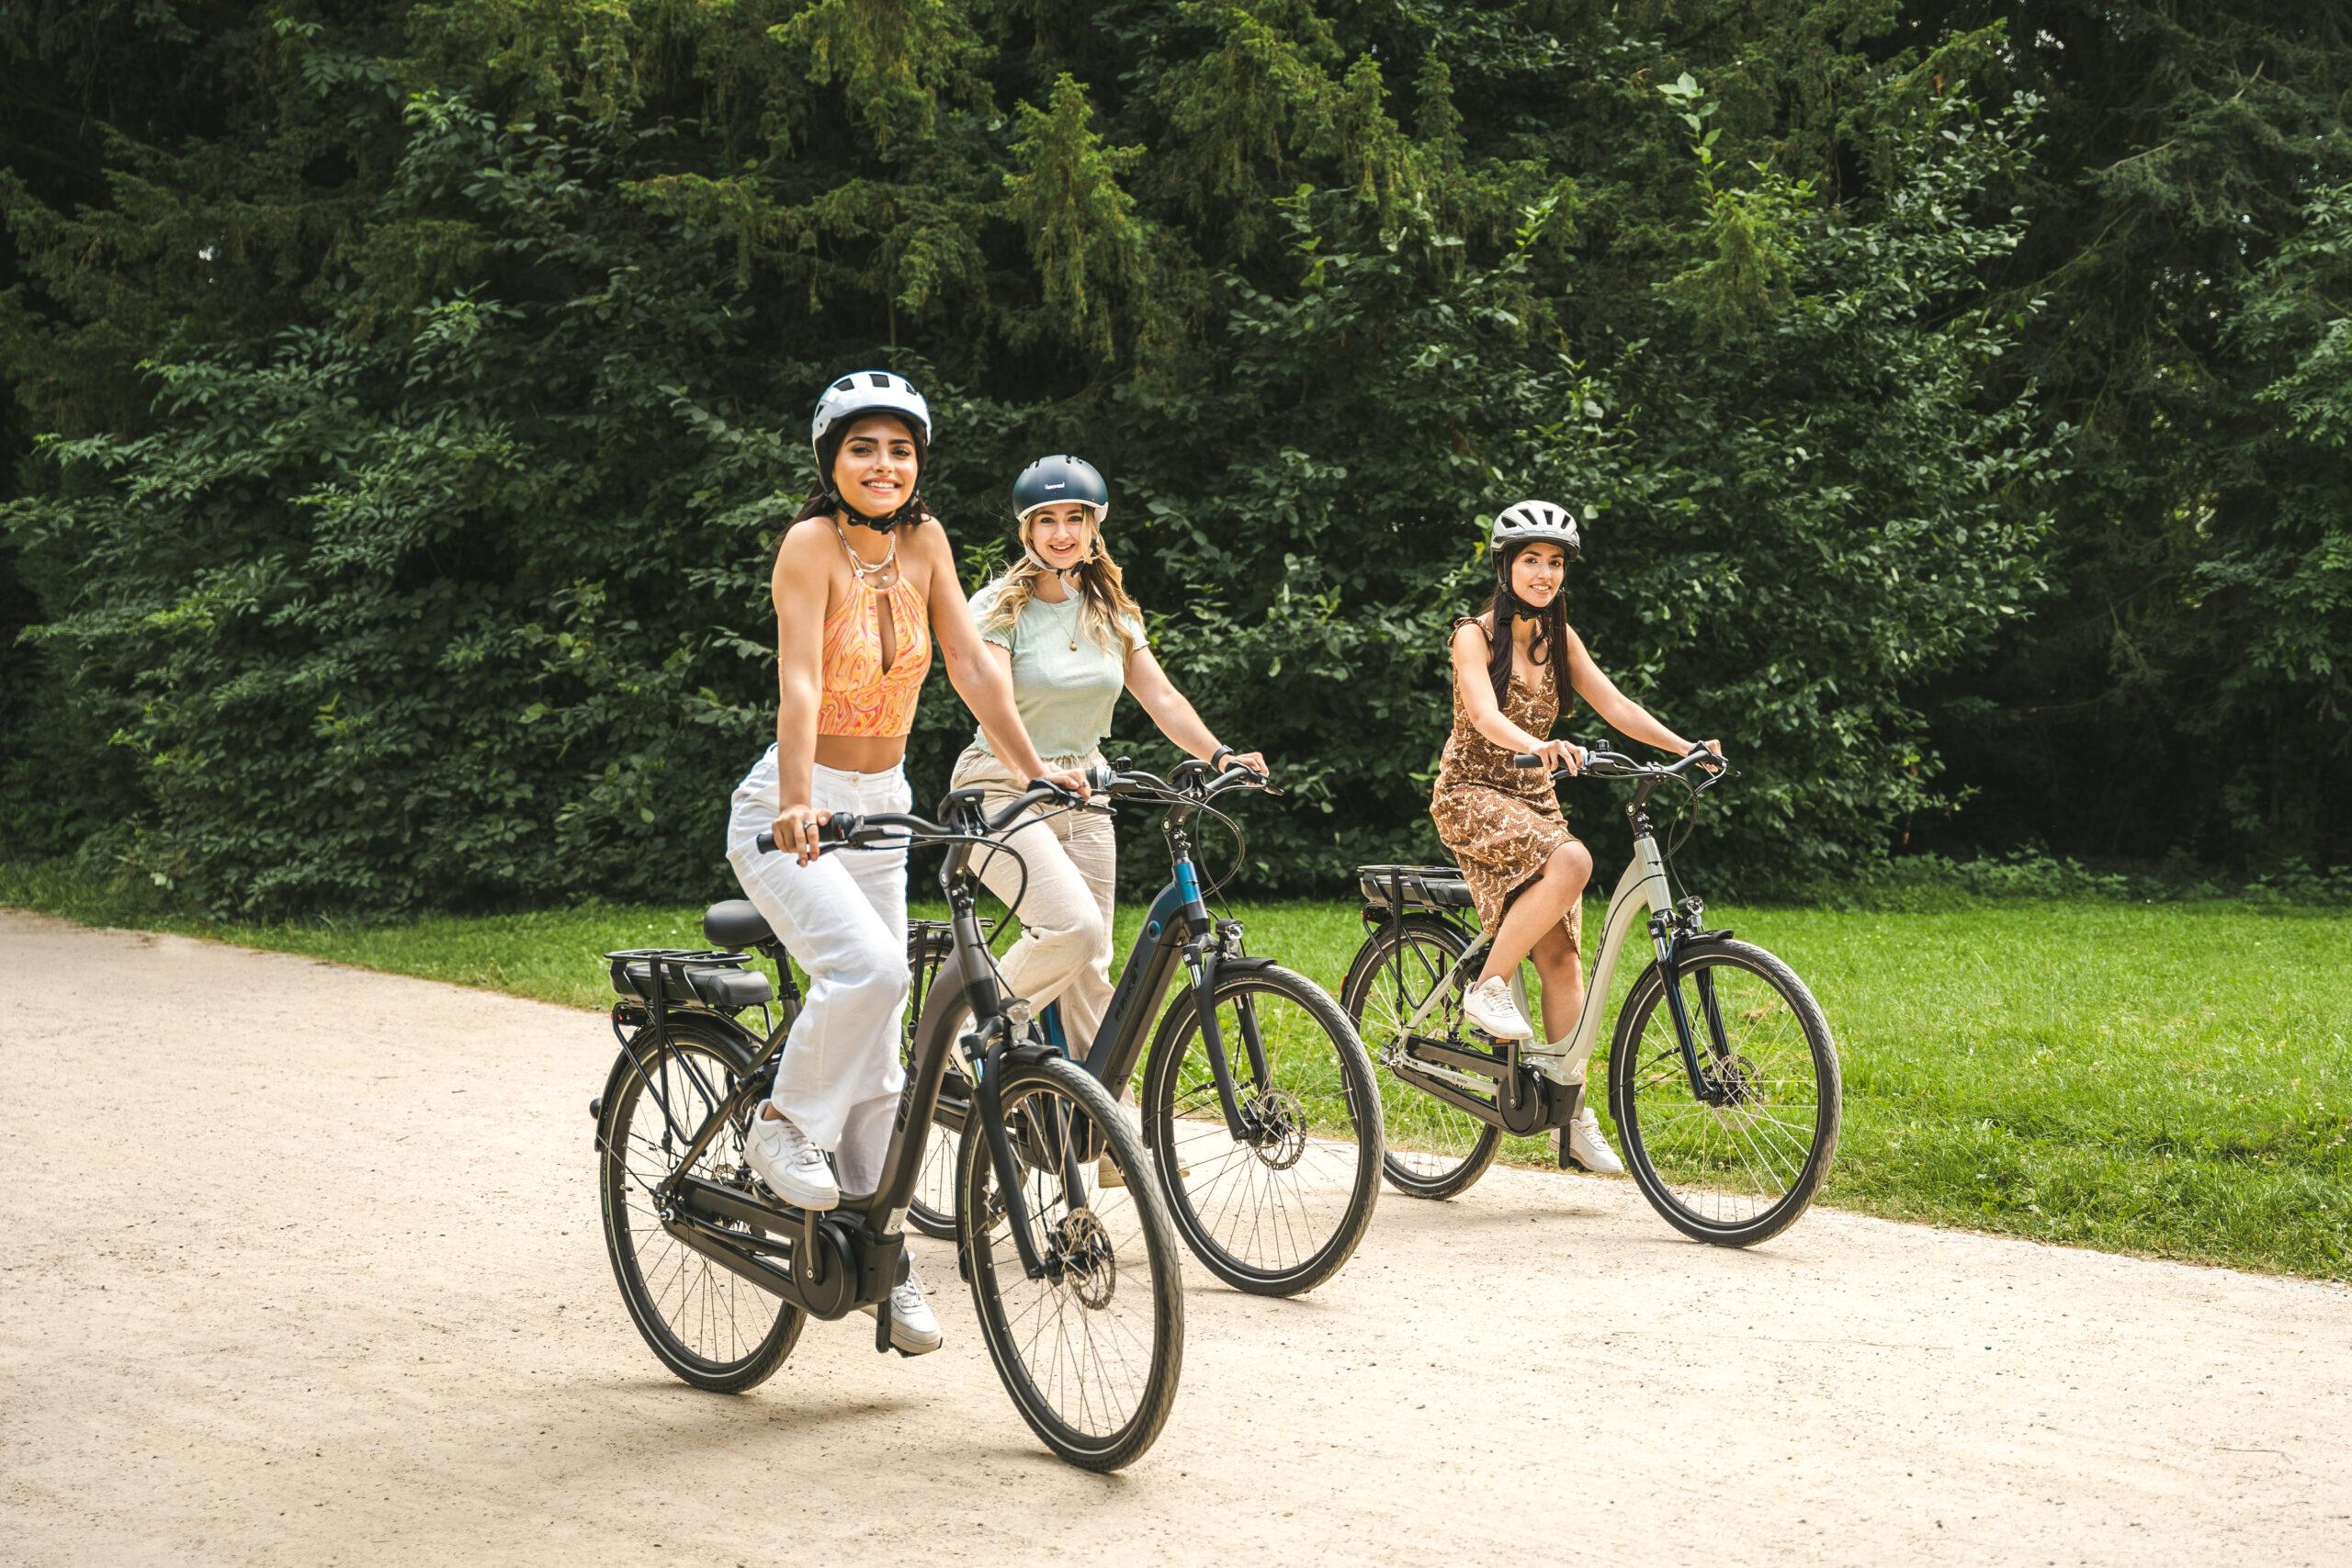 3 damen fahren auf comfort ebikes